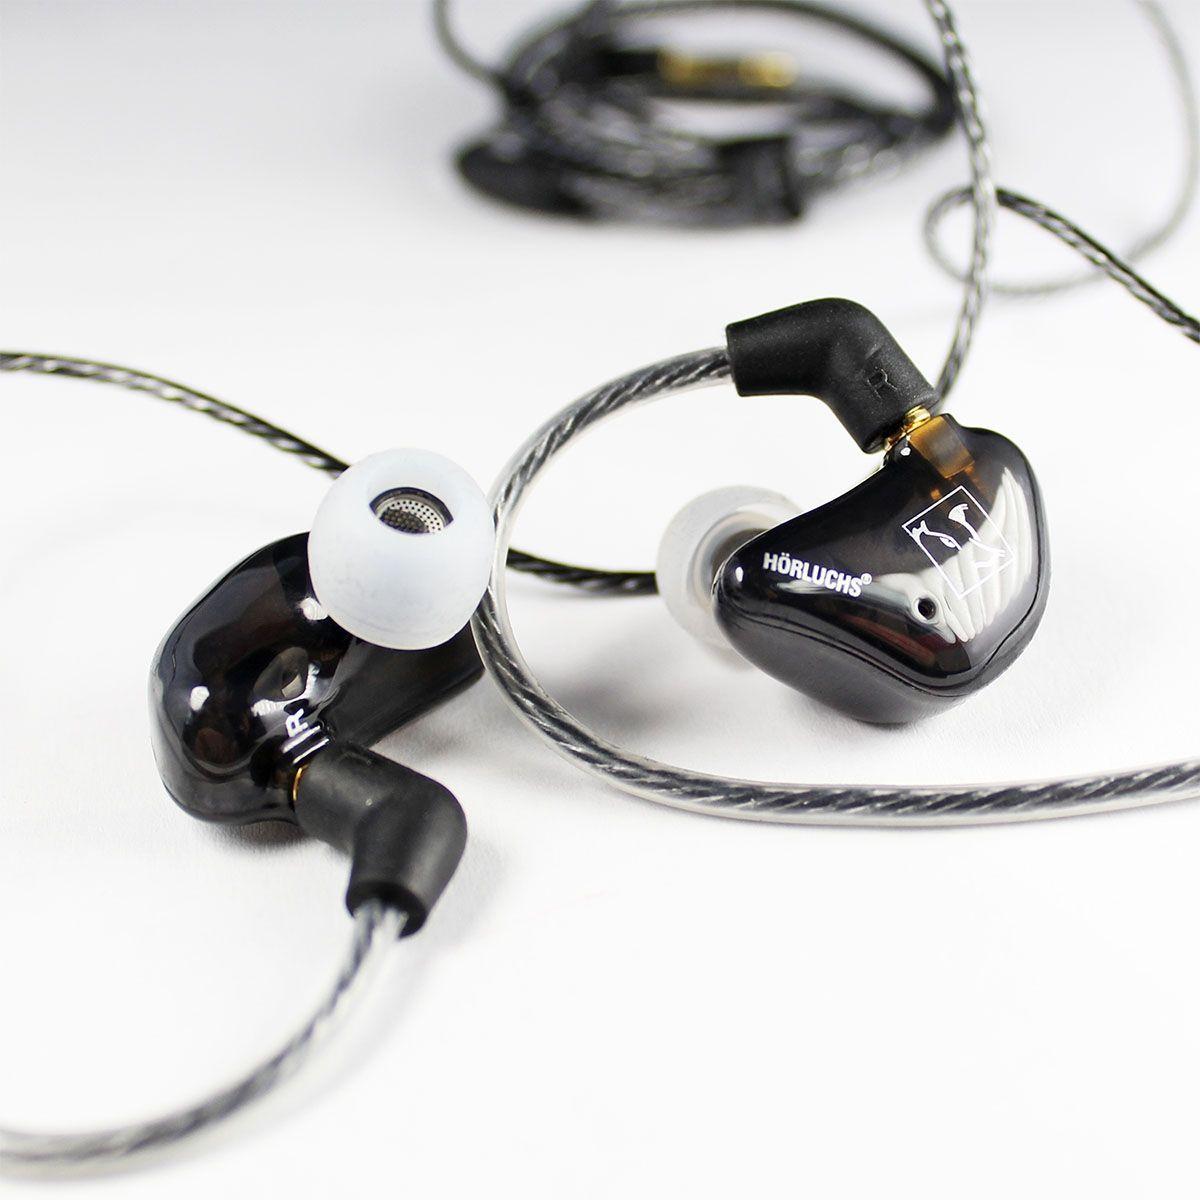 Hörluchs EasyUp In-Ear Kopfhörer 1 Wege Universeller Hörer für den Einstieg